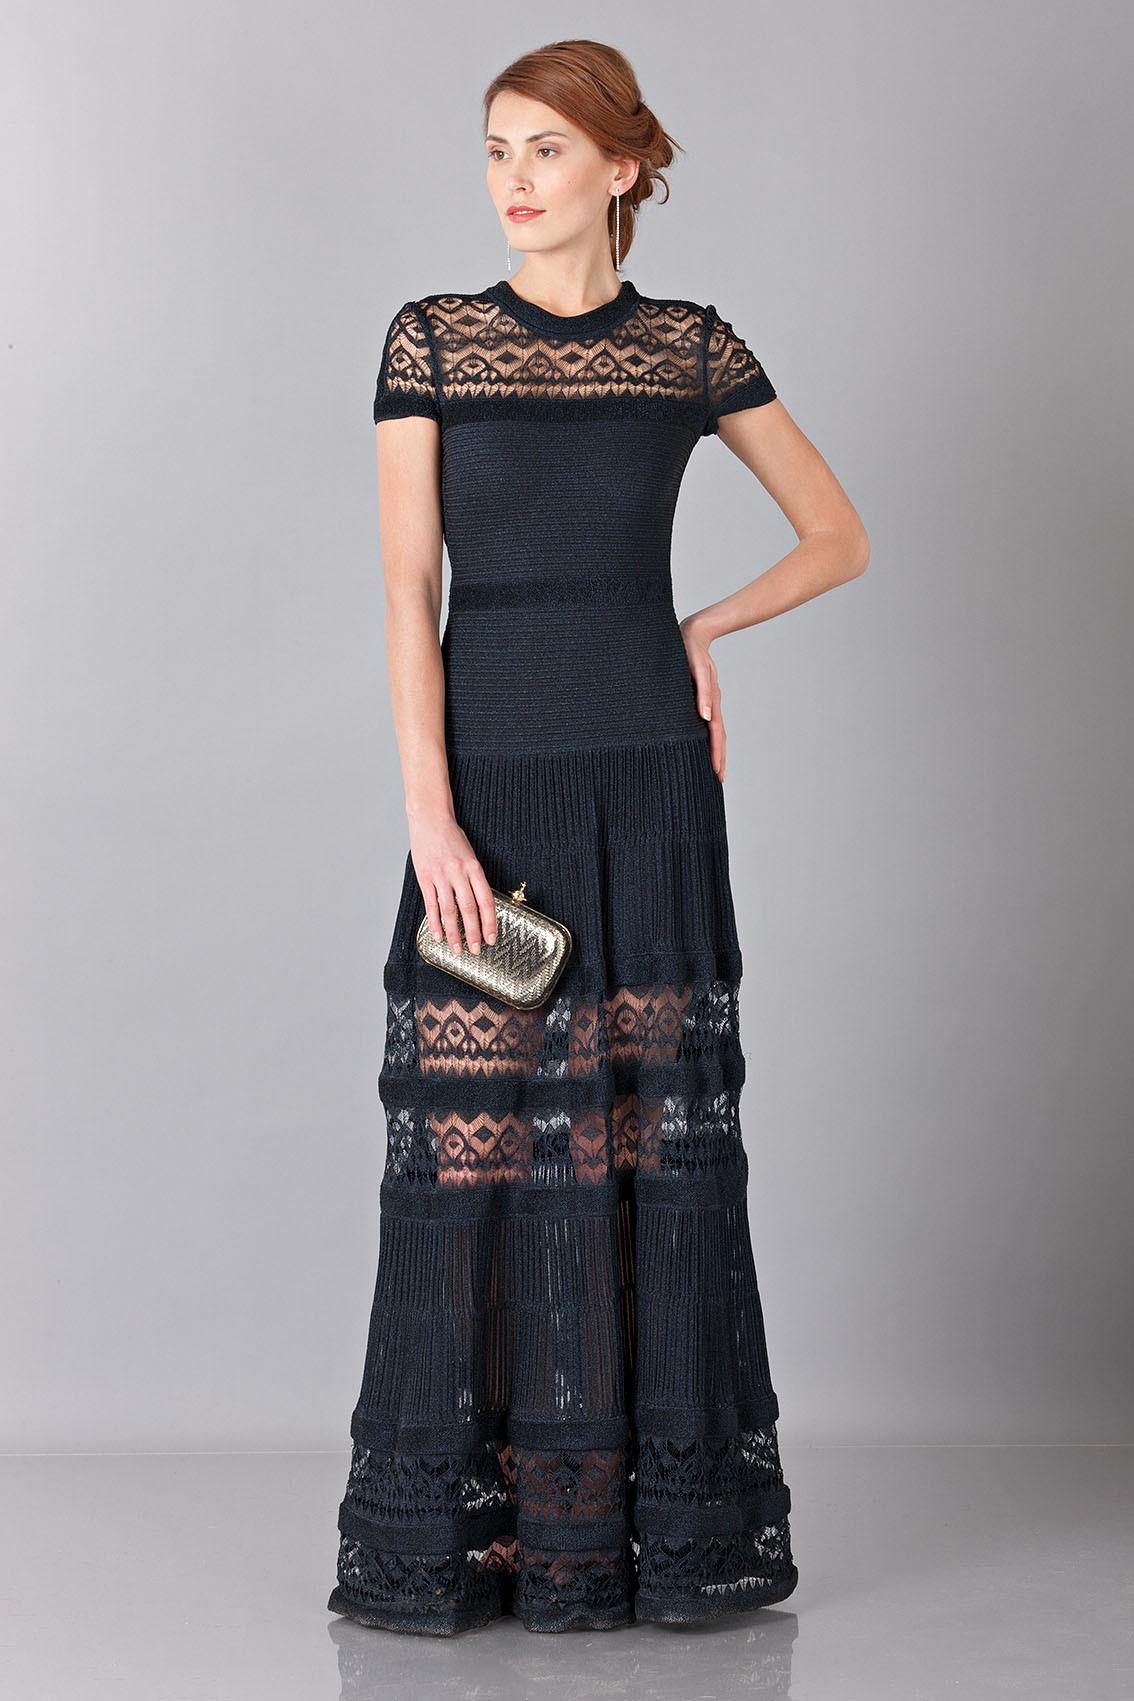 35b87e63789 Drexcode - Vionnet Robe longue en maille